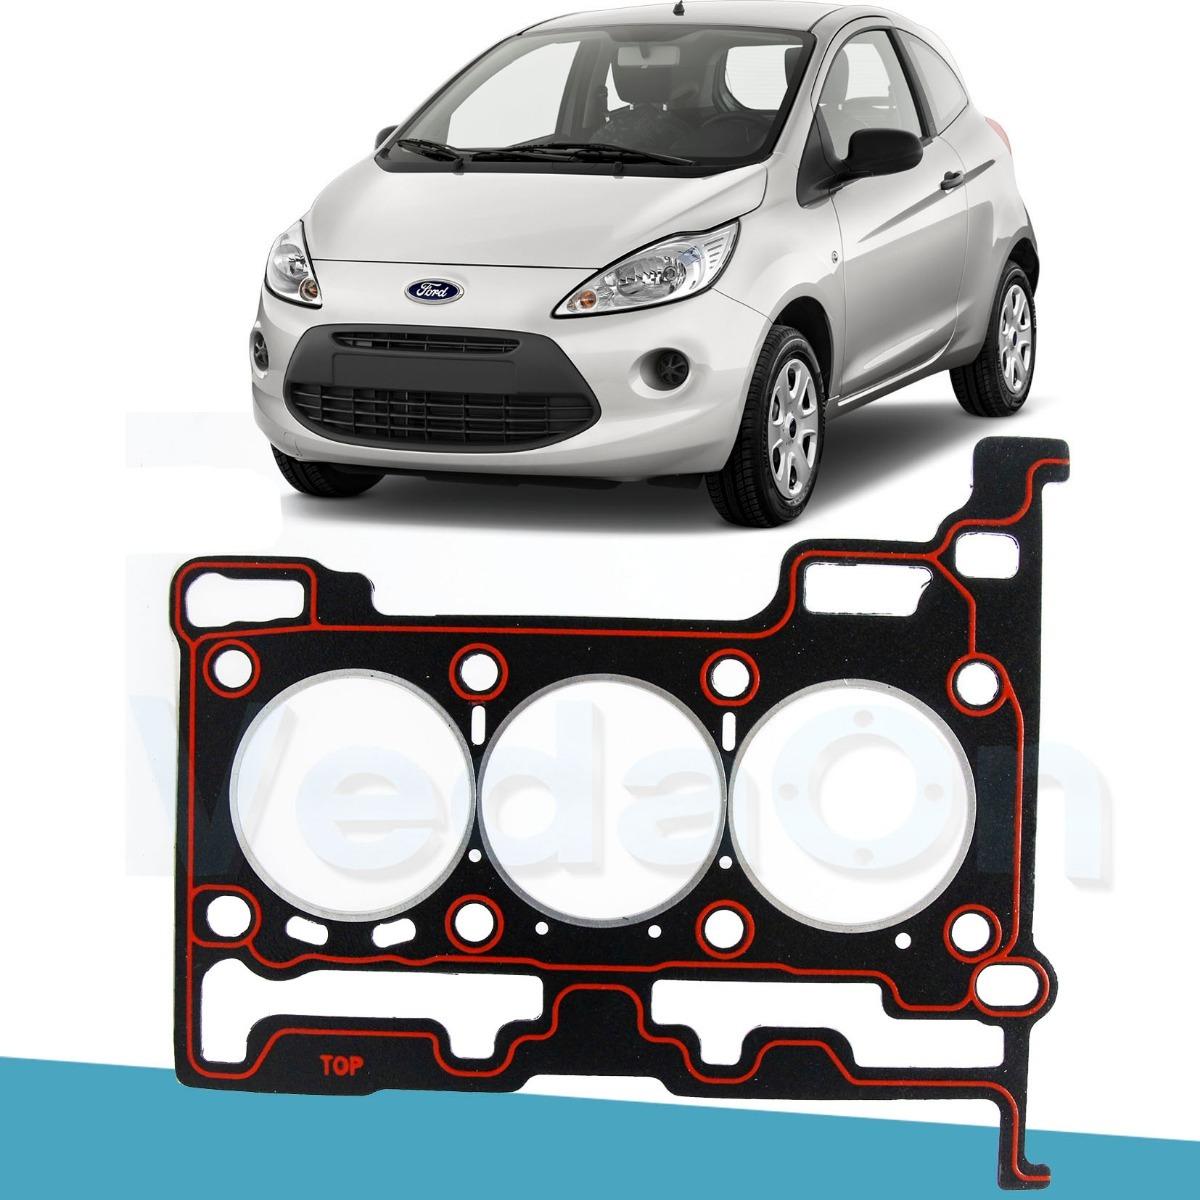 Junta Cabecote Amianto Ford Ka New Fiesta 1 0 12v 3 Cilindro R 70 00 Em Mercado Livre